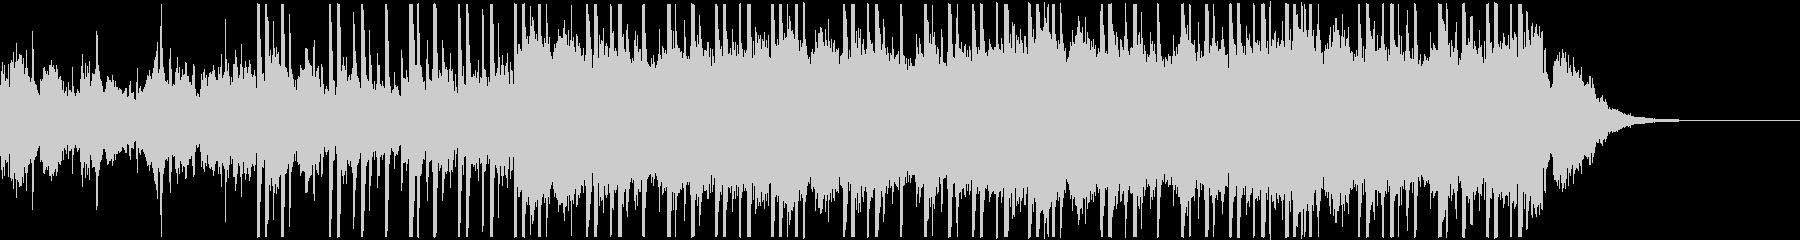 ボーカルシンセのカッコいい近未来的BGMの未再生の波形